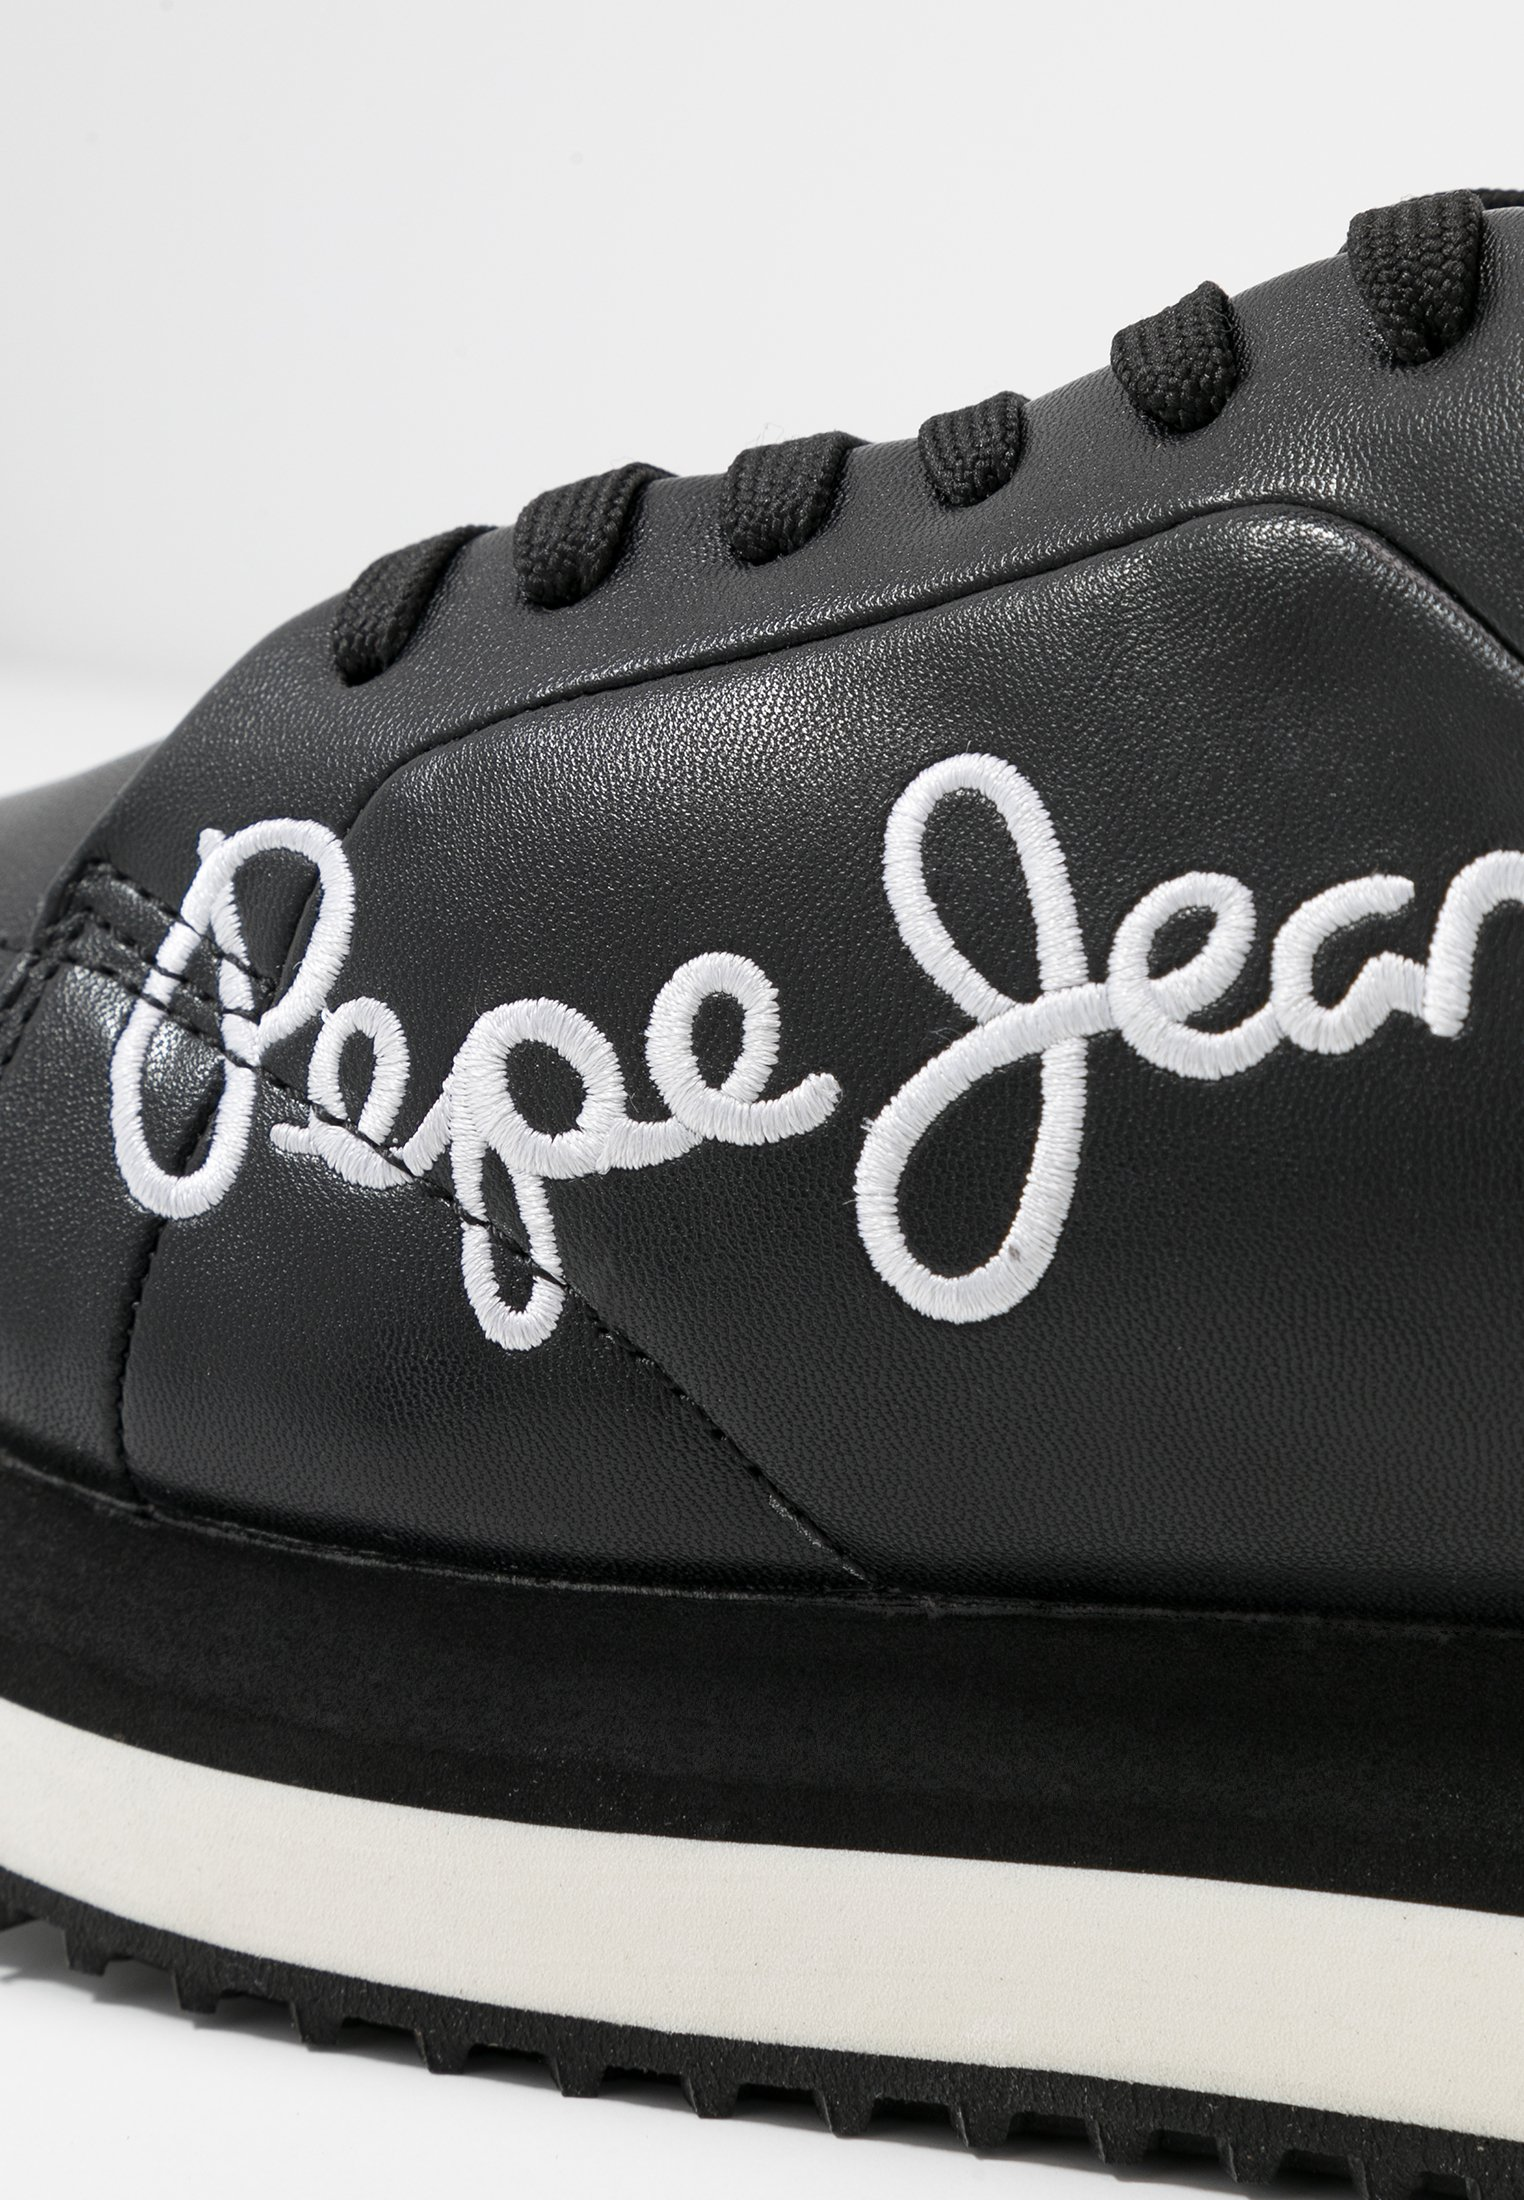 Pepe Jeans ZION SMART Joggesko white Zalando.no